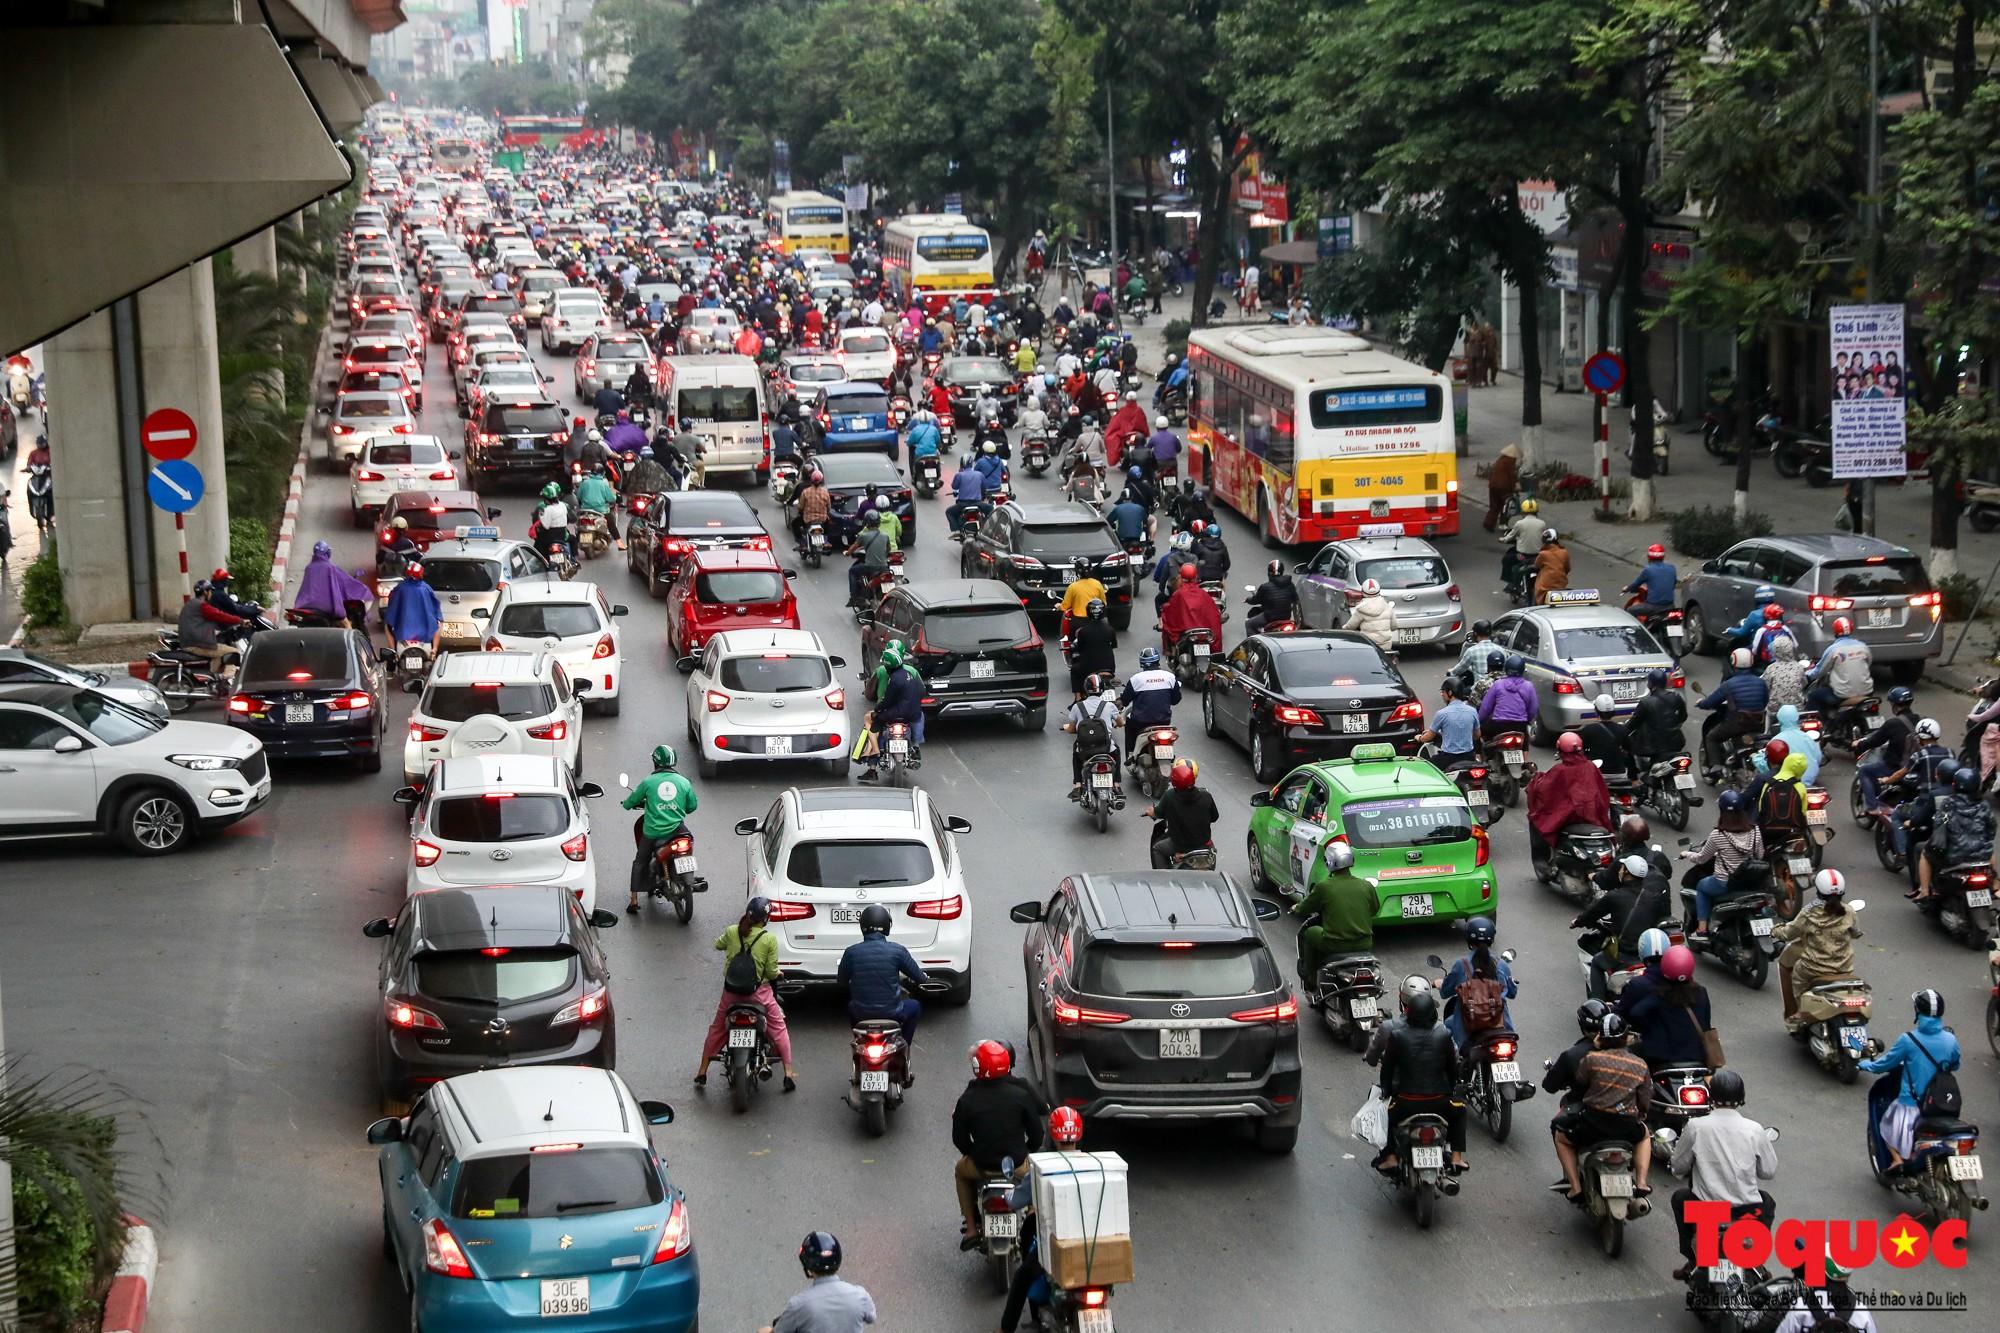 Nhìn những hình ảnh này mới thấy đề xuất cấm xe máy 6 tuyến phố Hà Nội là vô cảm với người dân nghèo - Ảnh 1.